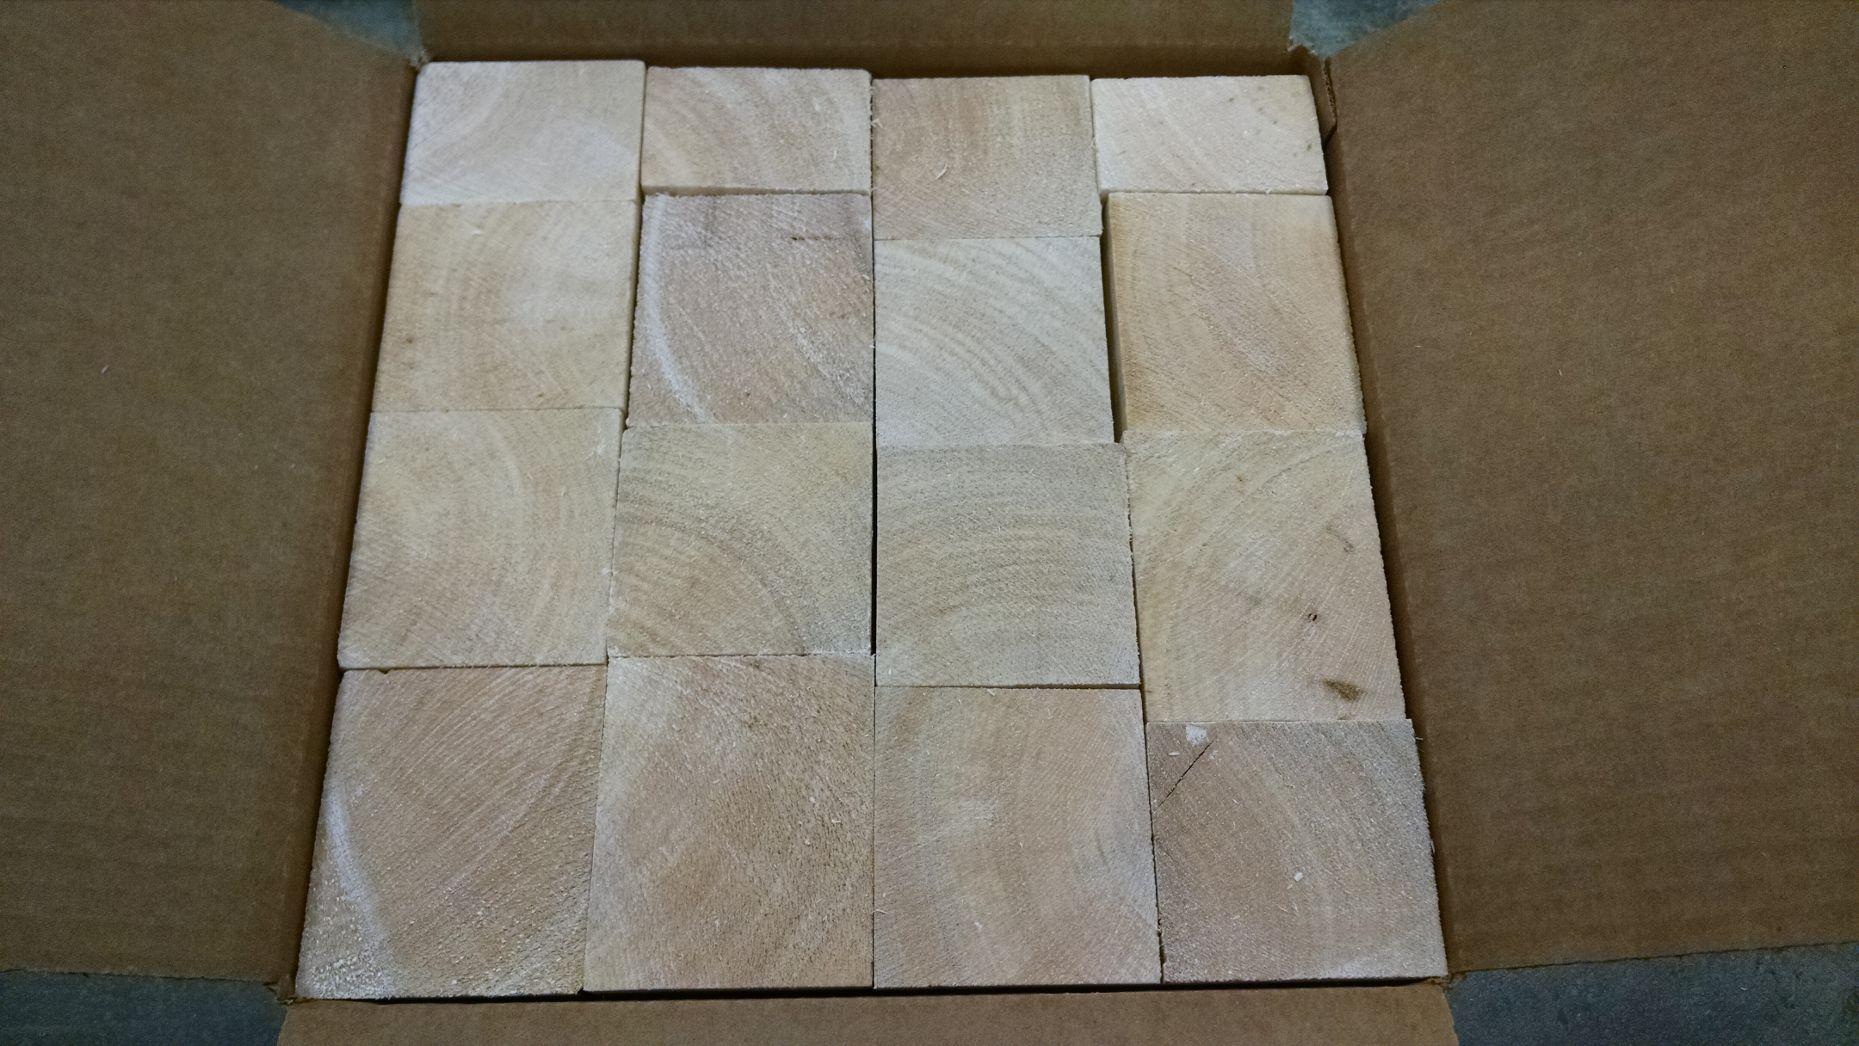 12 Quot X12 Quot X6 Quot Box Of Balsa 3 Quot Wide Blocks